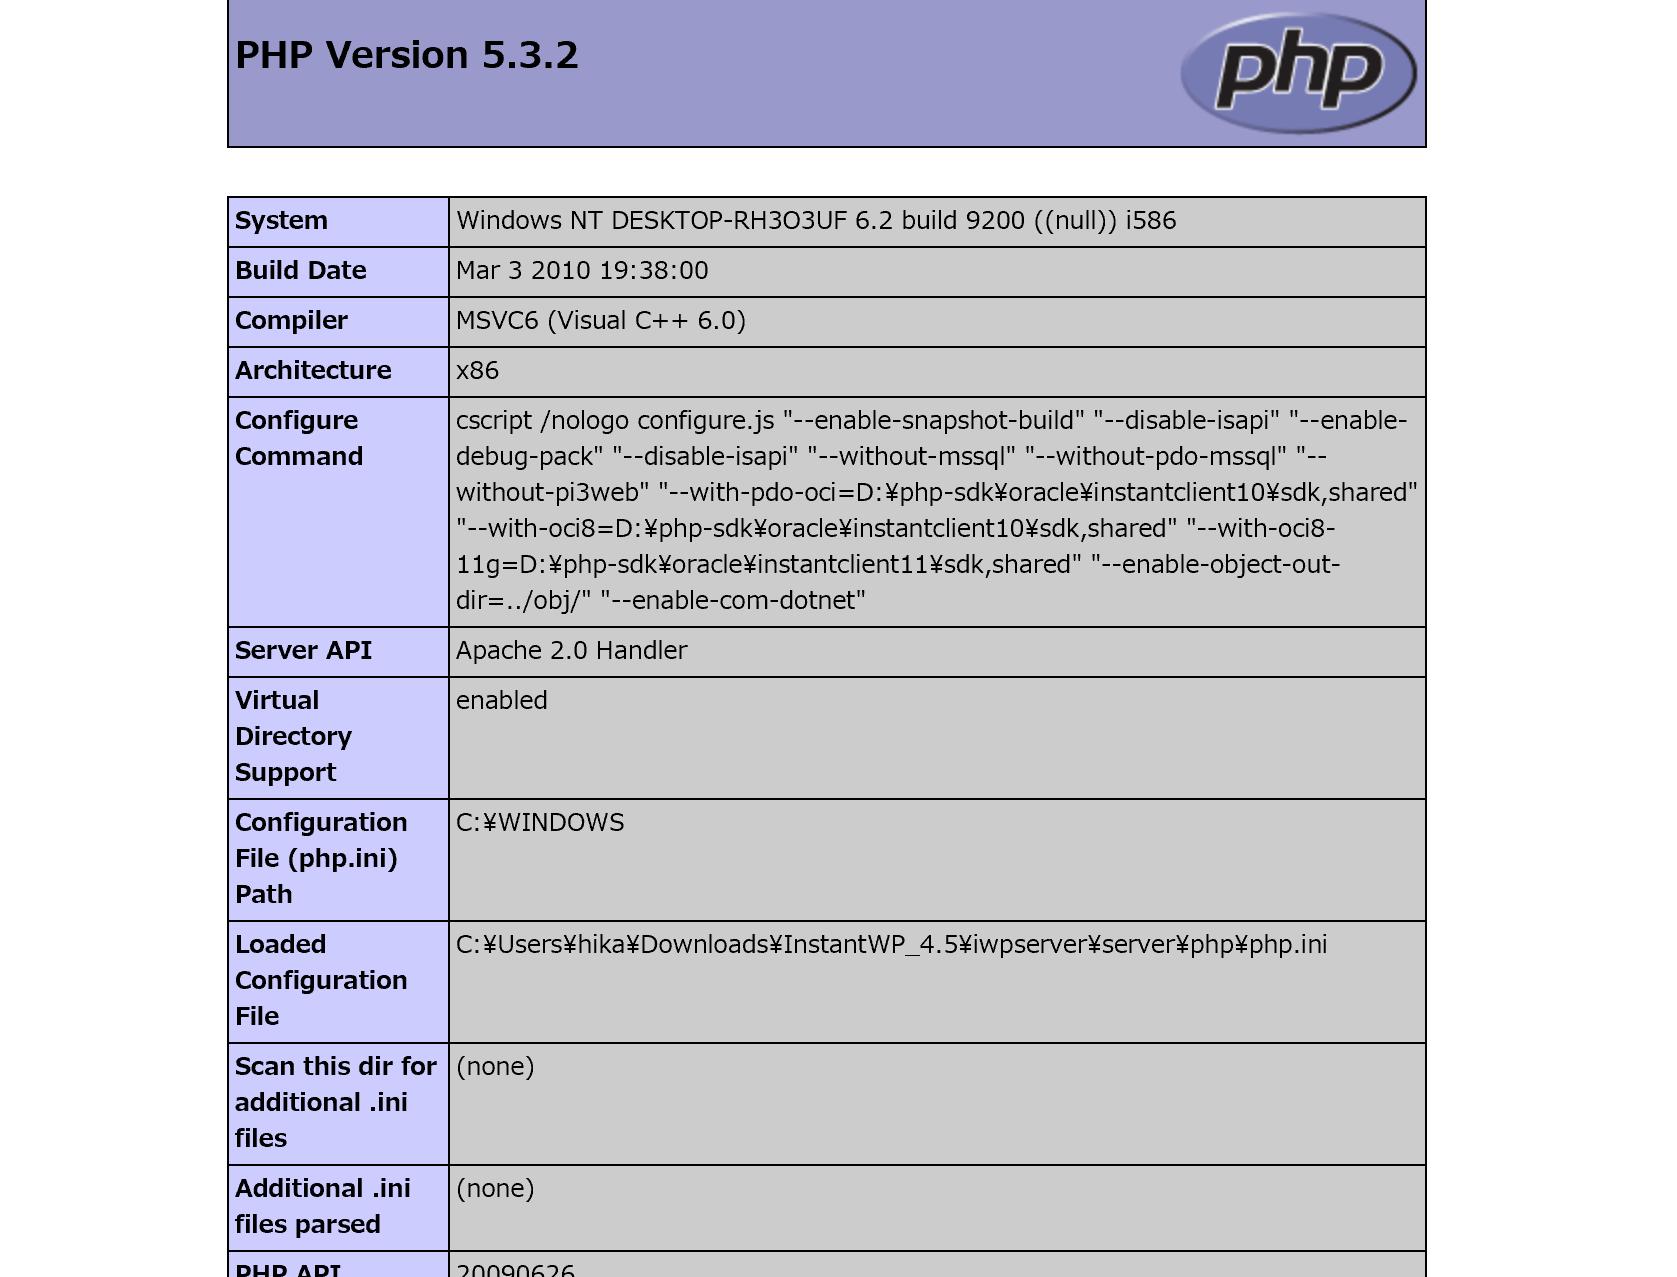 phpinfo - WordPressに動画をアップロードしたい!できない時の対処法やおすすめプラグイン